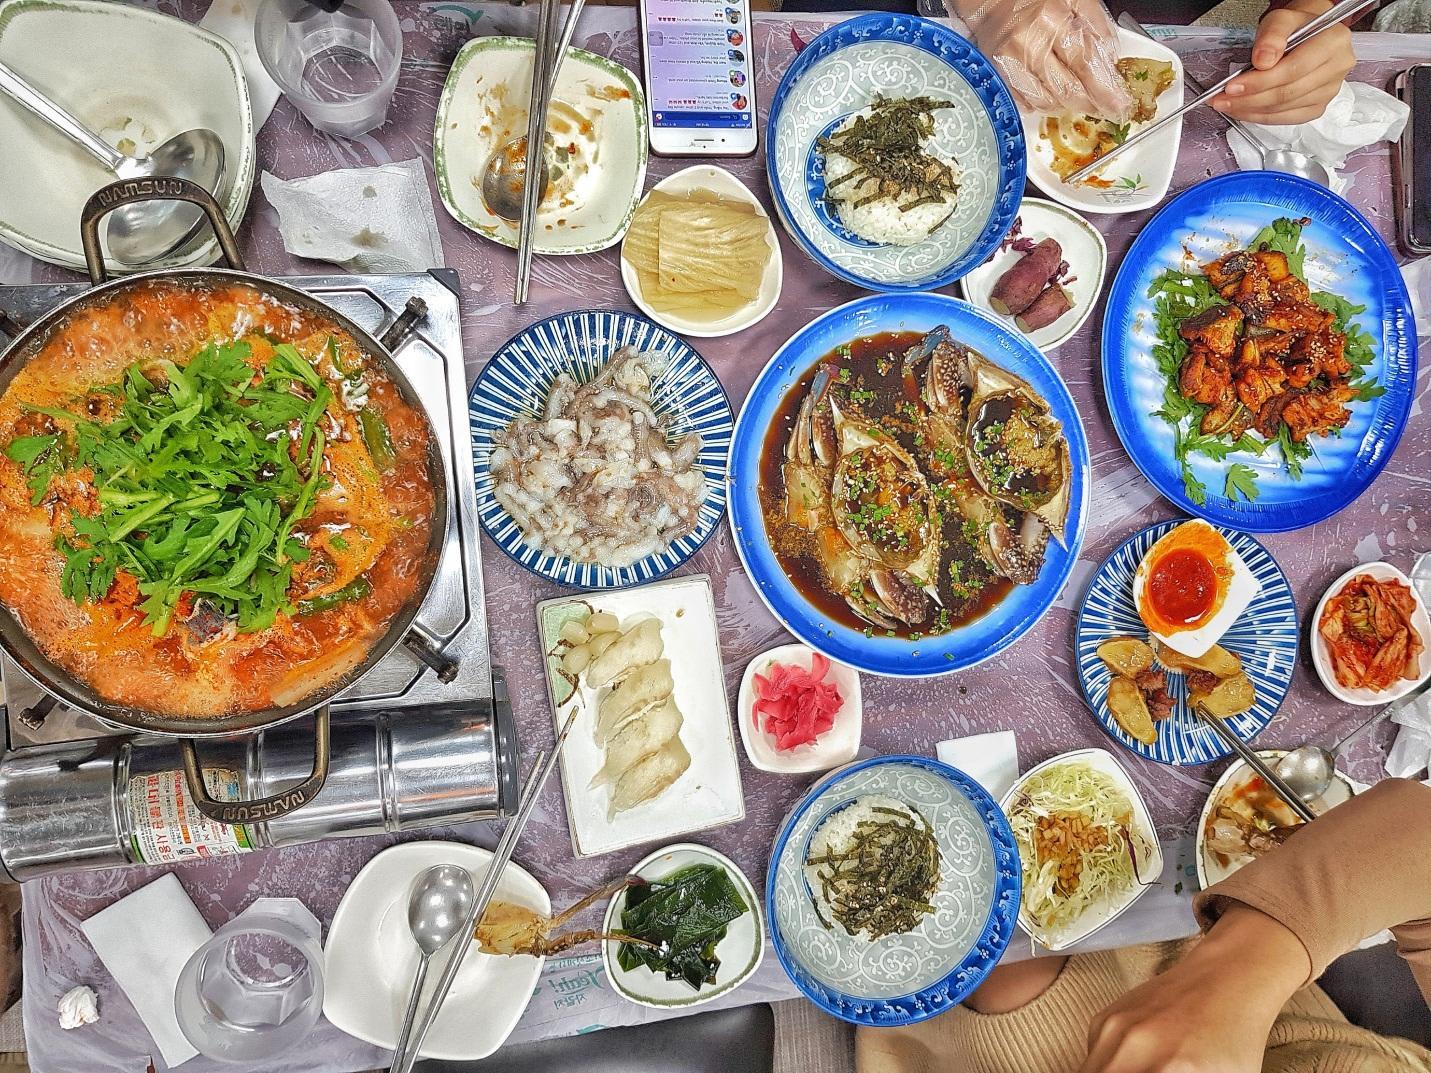 các món ăn trong chợ cá jagalchi